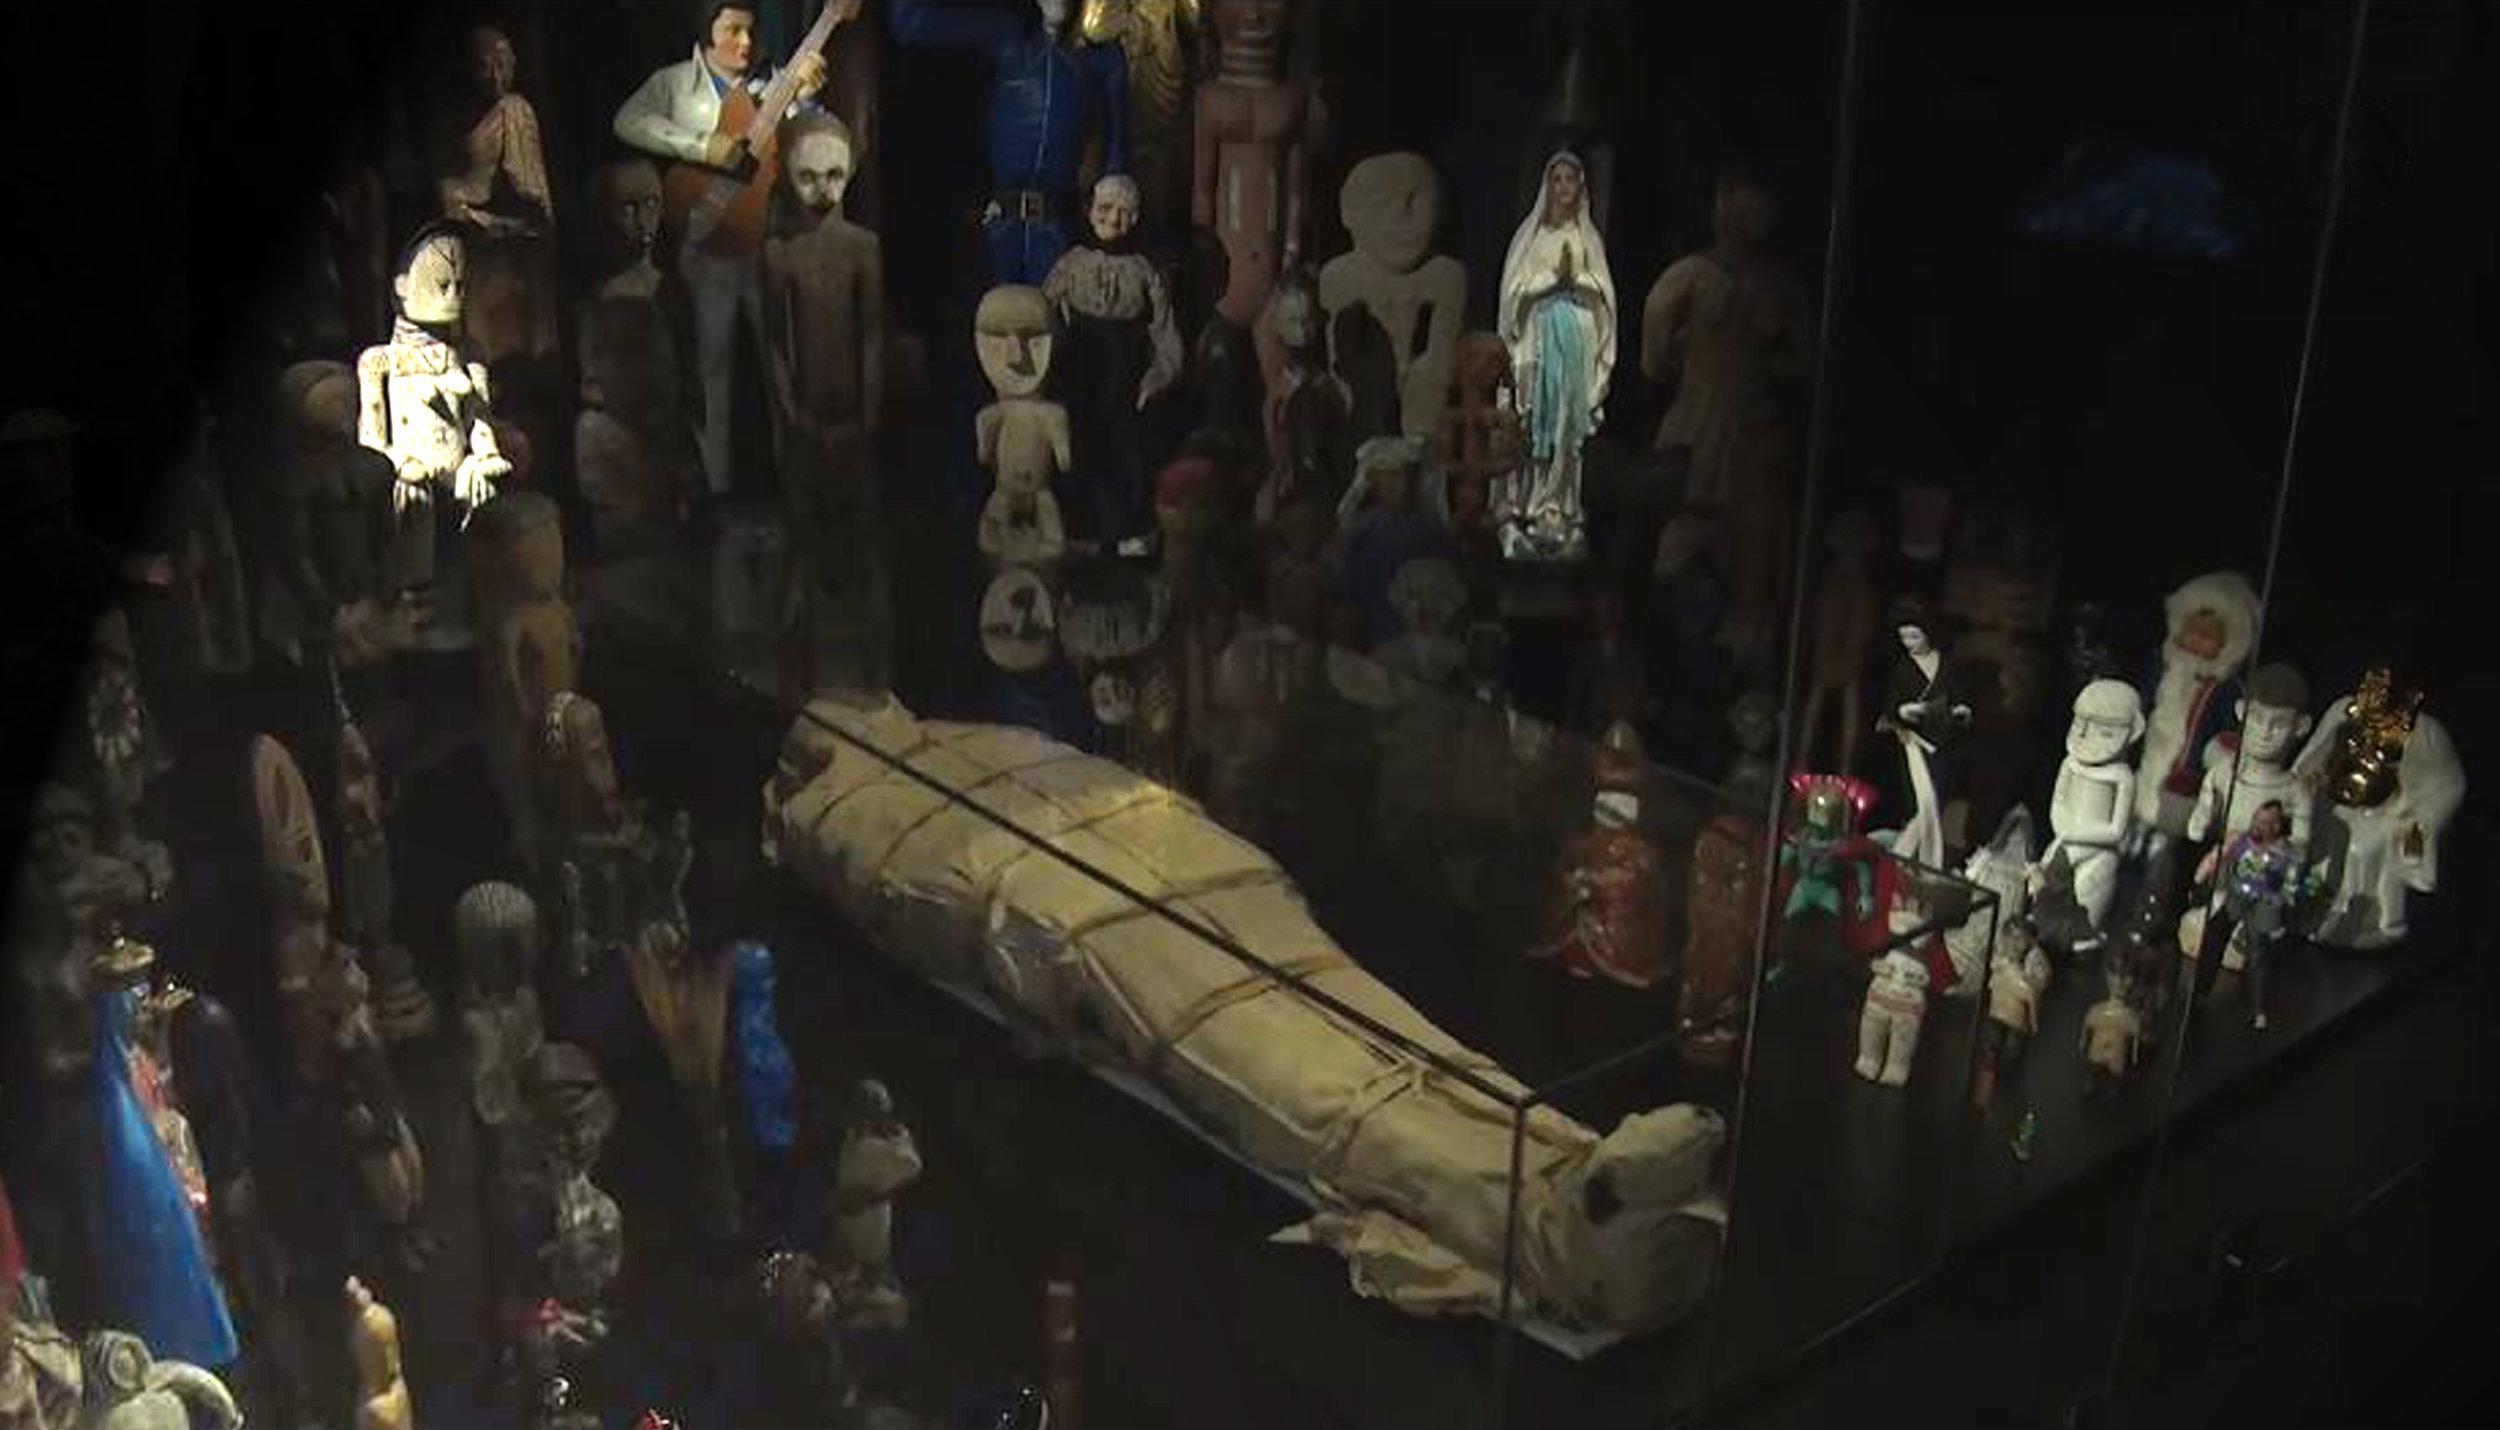 La momie du MEN, dans l'espace Au-delà, occupe une petite salle qu'elle partage avec d'autres icônes représentant les chimères de notre existence